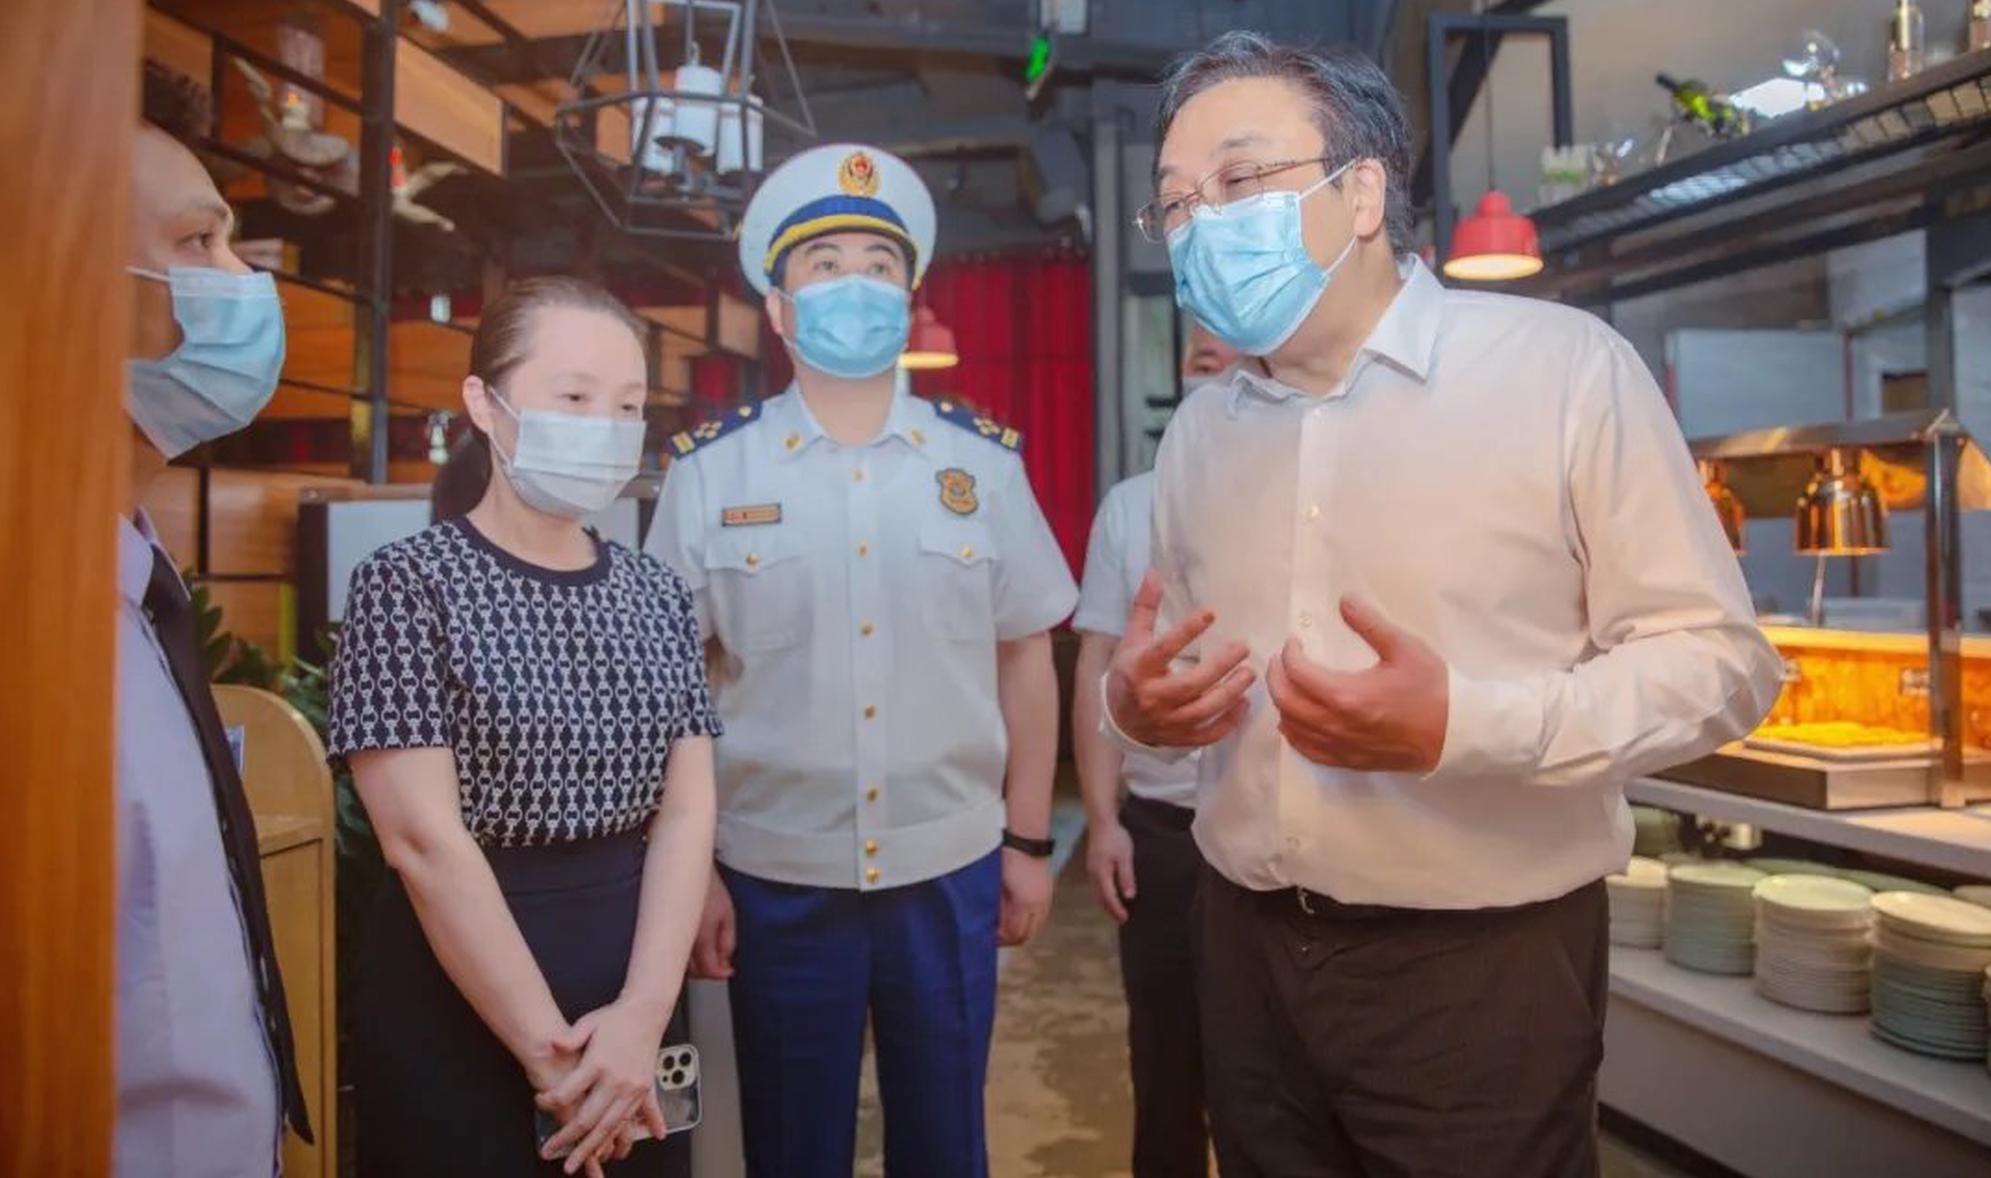 冯飞:全力以赴做好当前安全生产工作